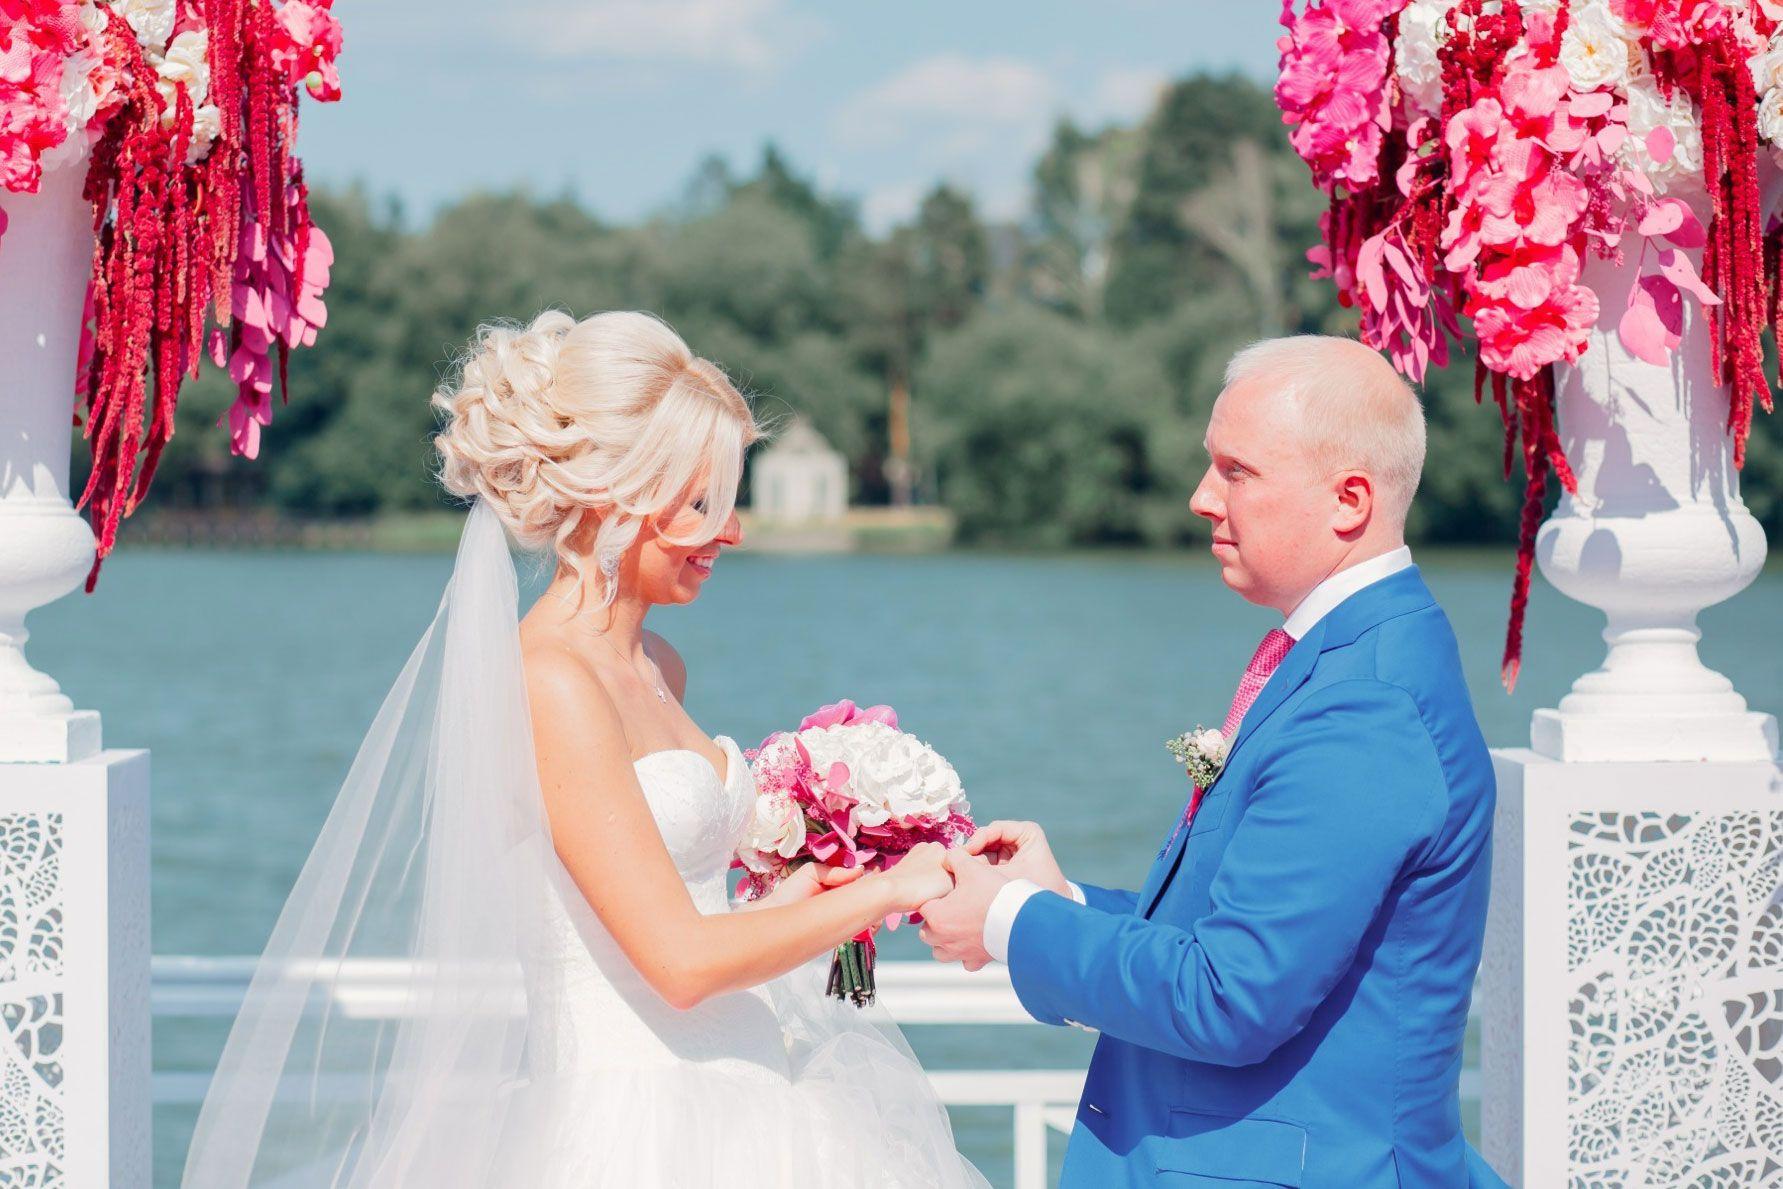 Лоск и глянец. Свадьба Яны и Сергея, фото 11